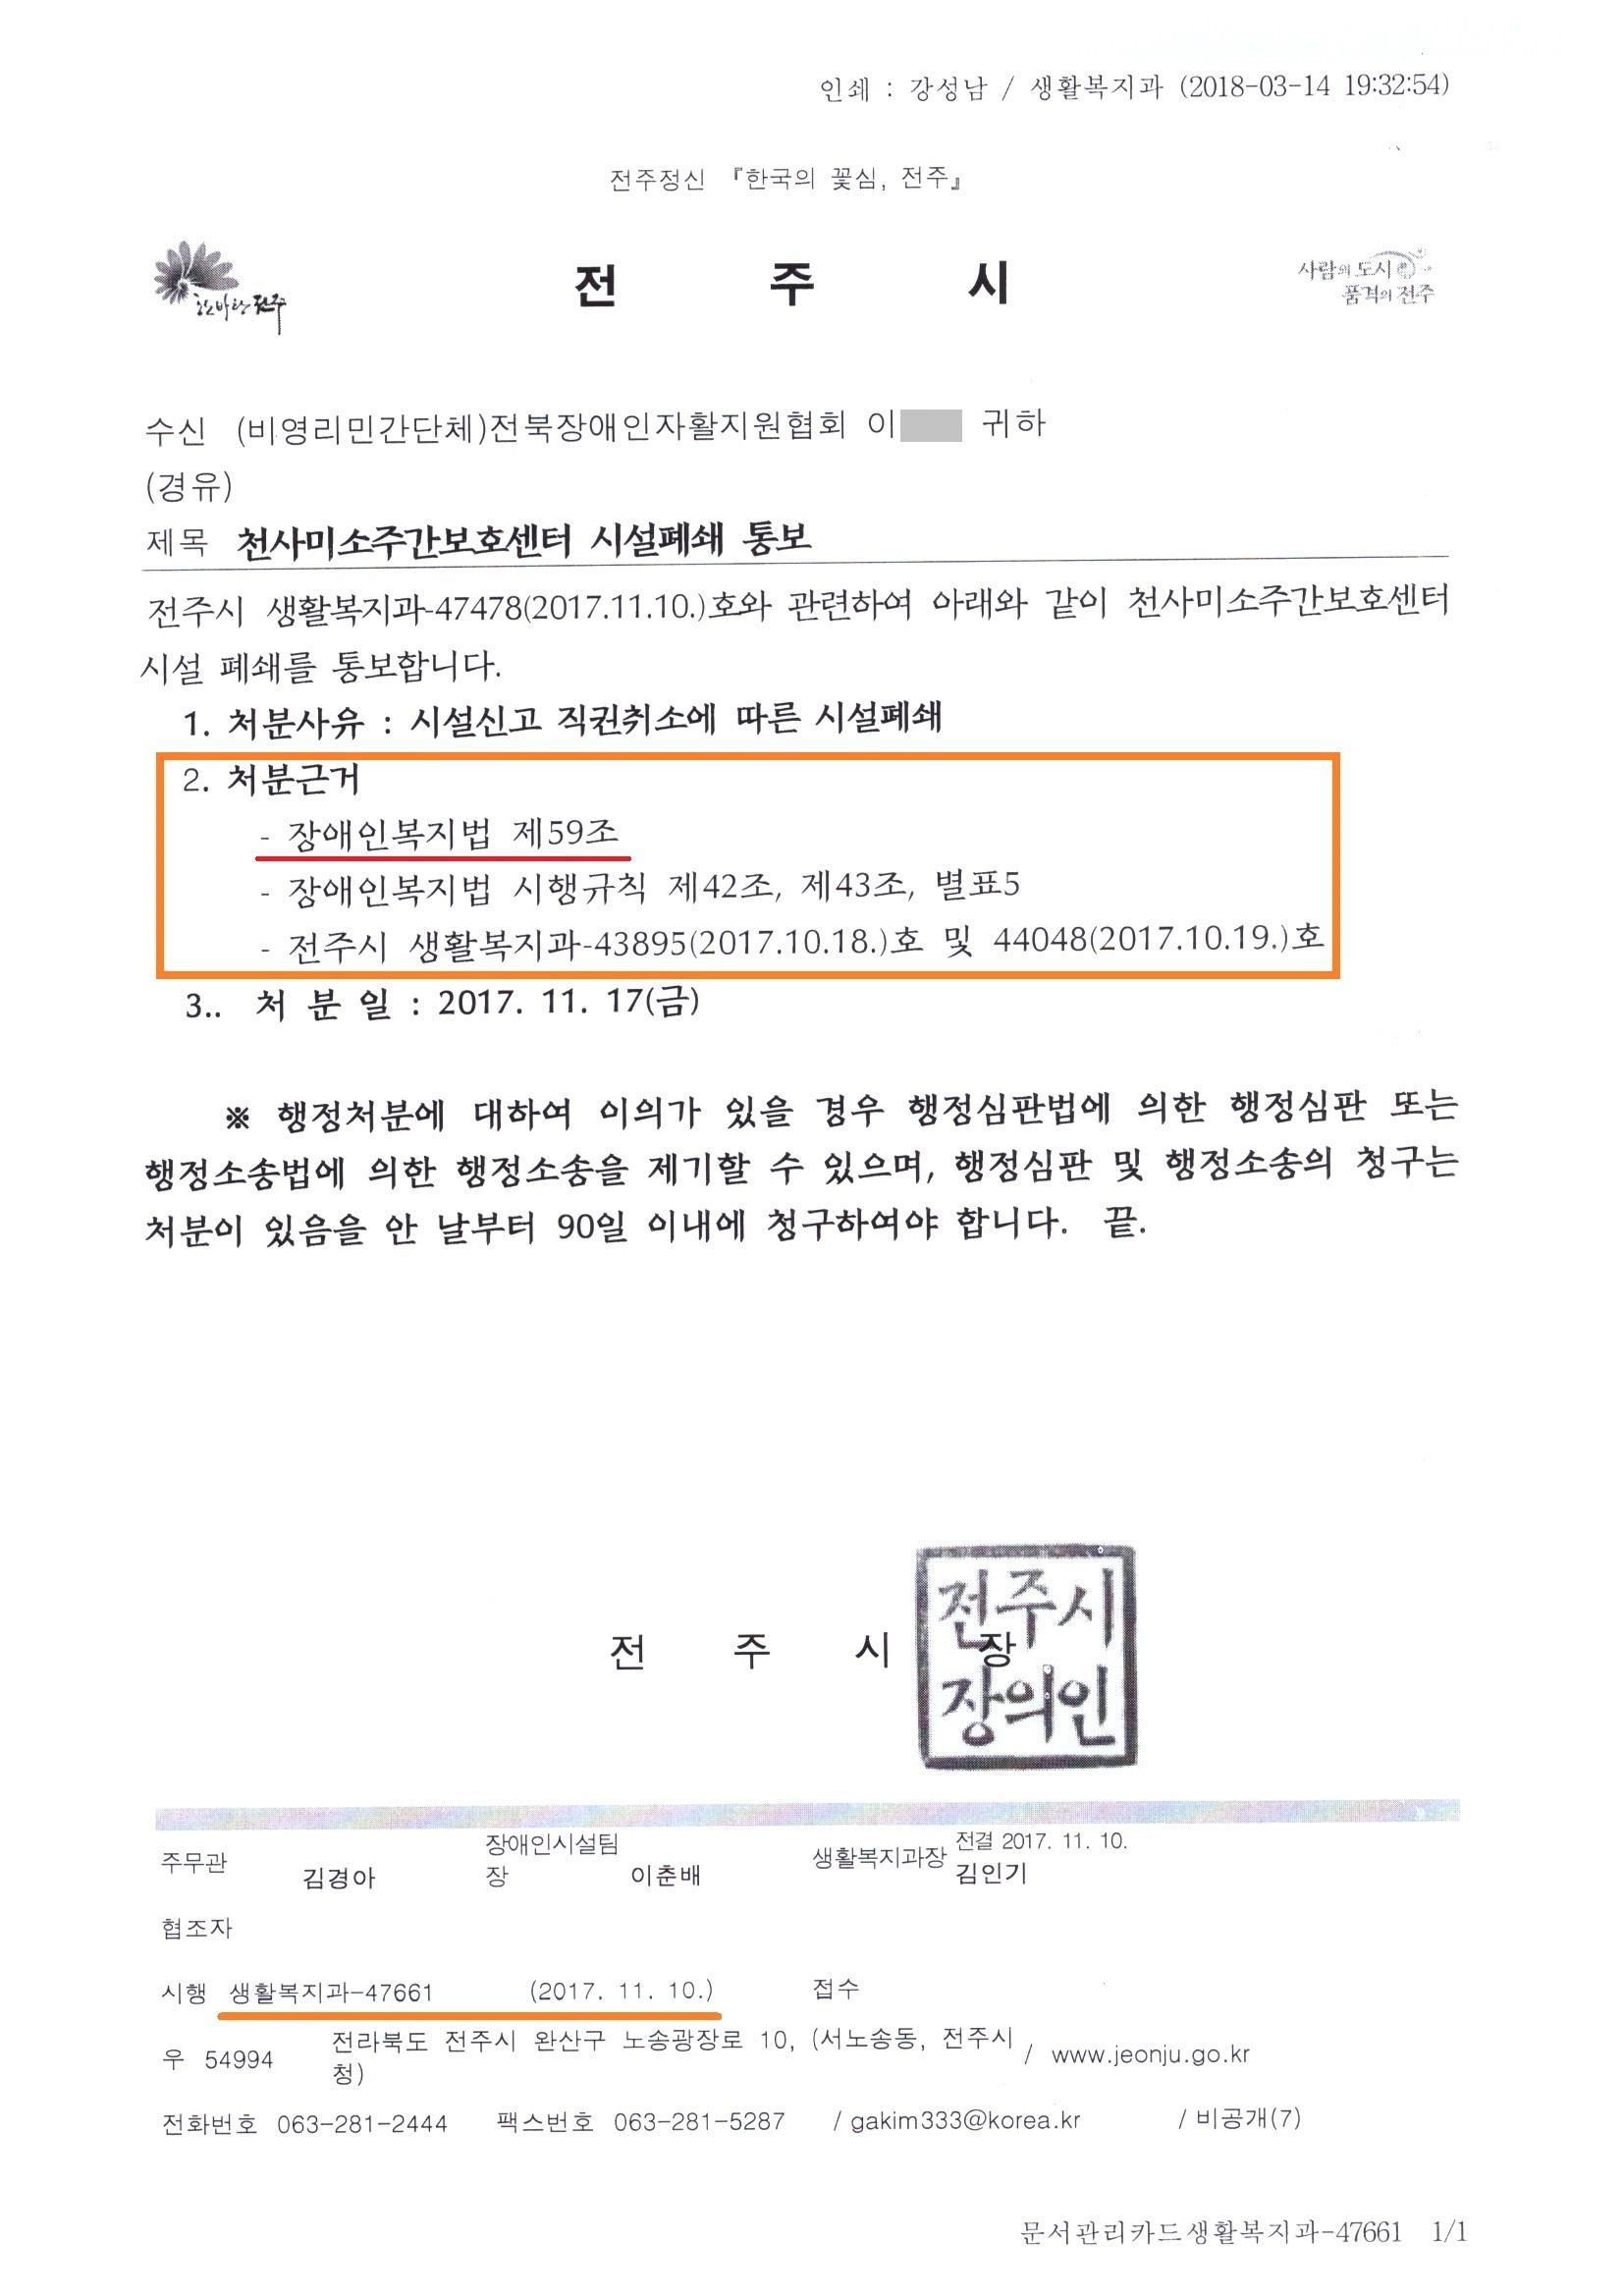 20.12.17_웹뉴스레터_시설폐쇄 1심 판결선고3.jpg